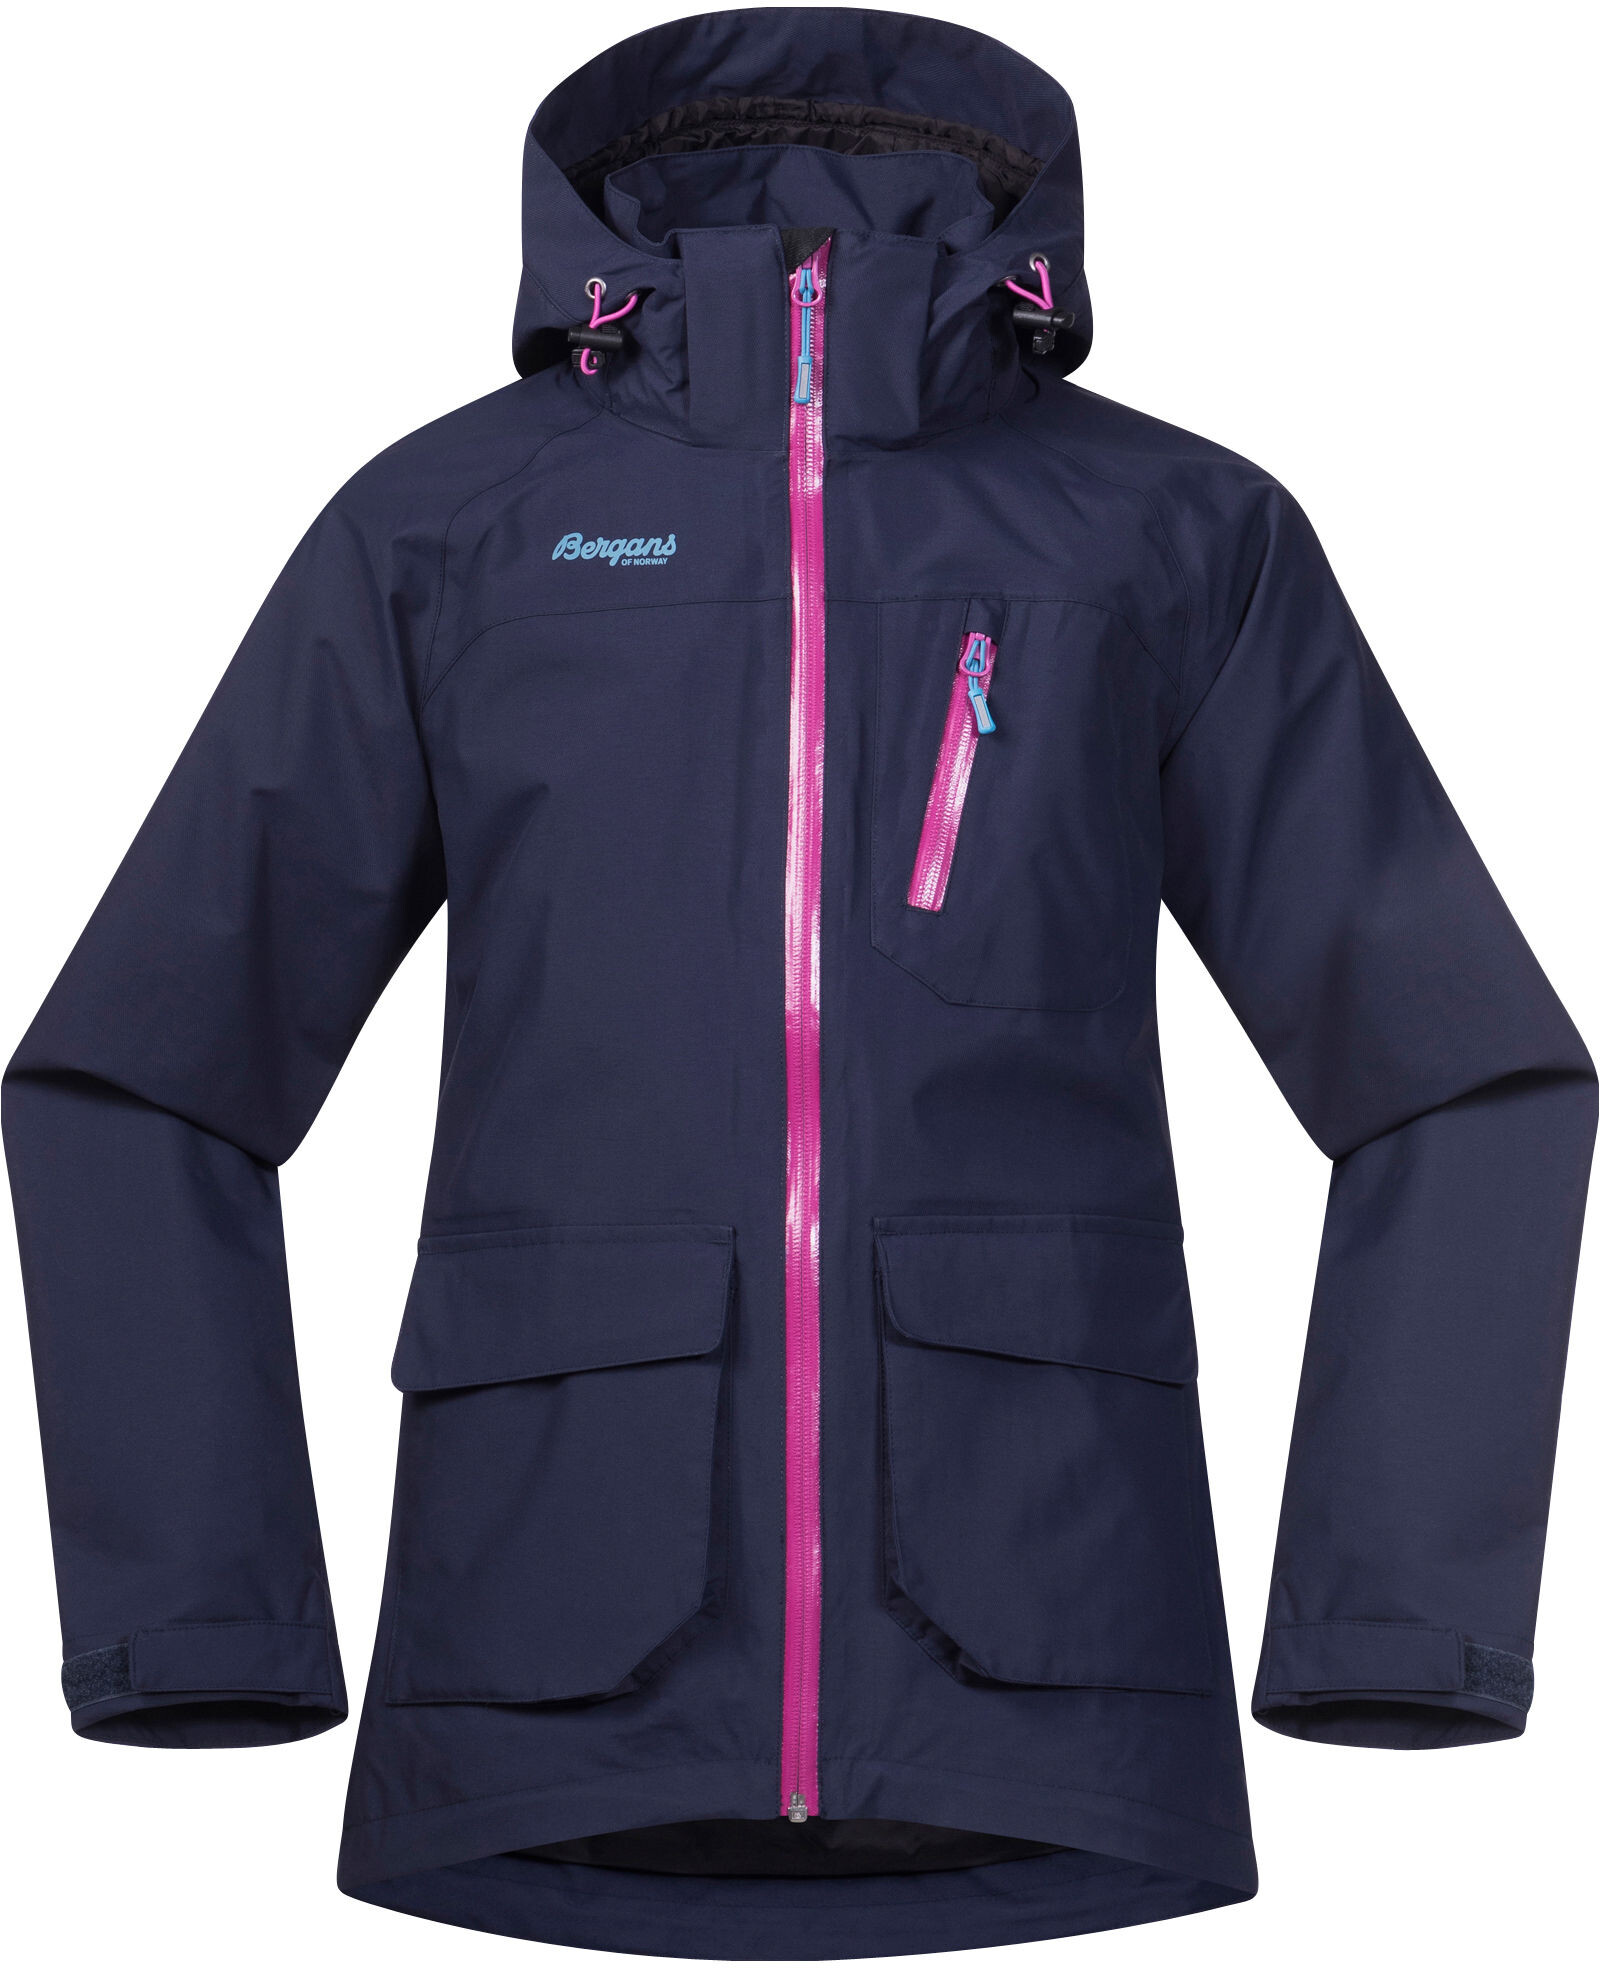 d1444637 Bergans Folven Jacket Barn navy/pink rose/glacier - addnature.com